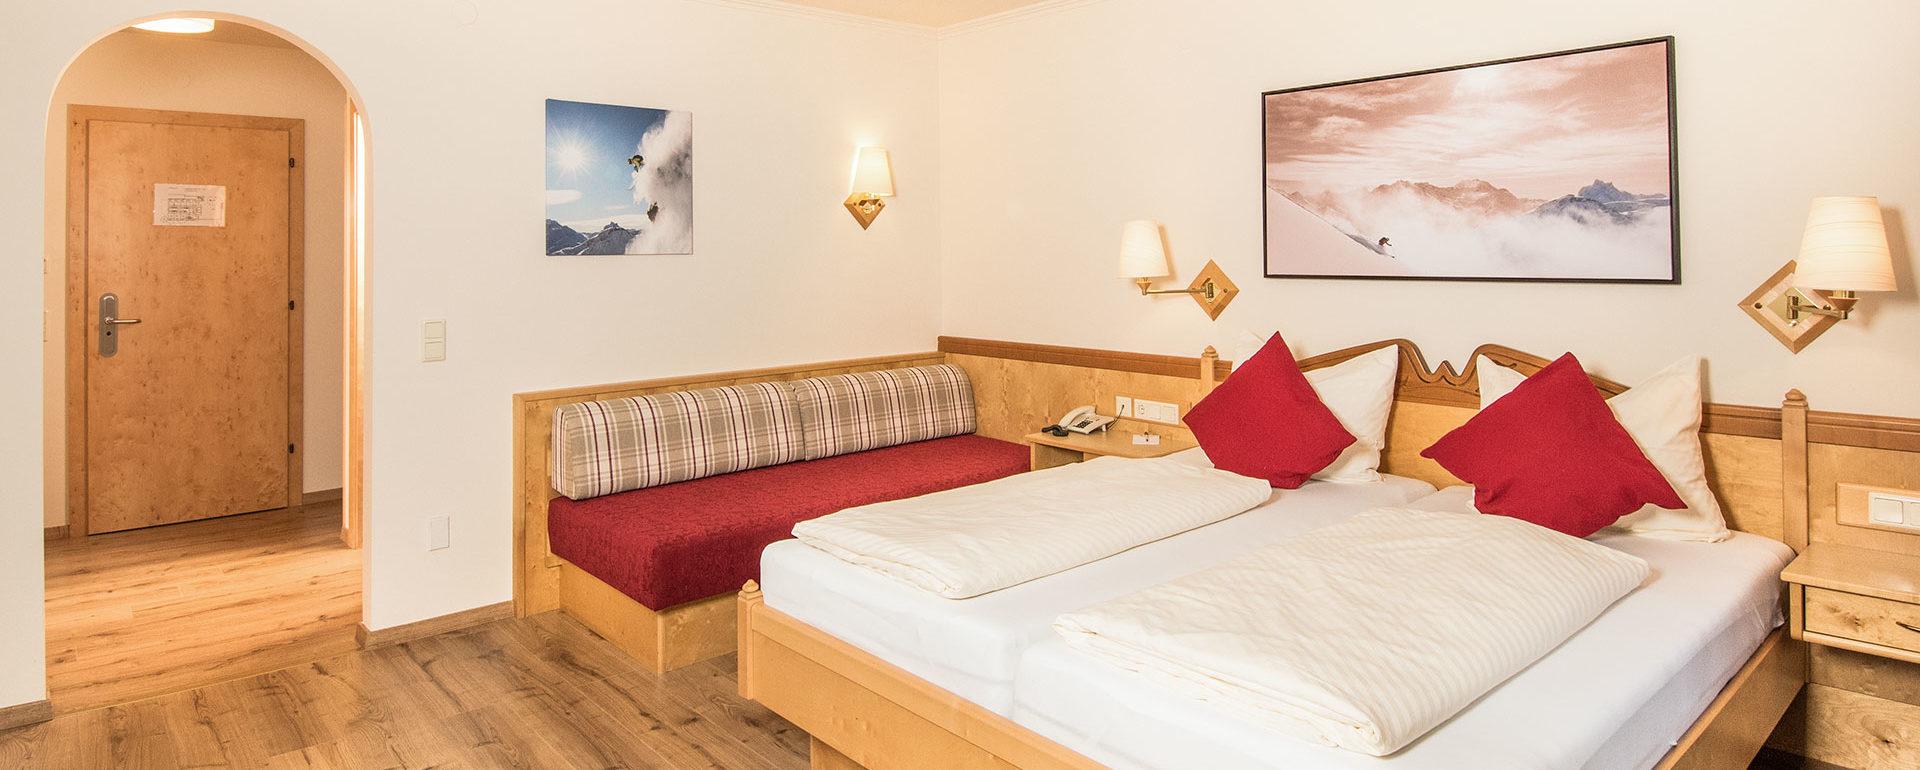 Unverbindlich anfragen - Hotel Zauchensee Zentral